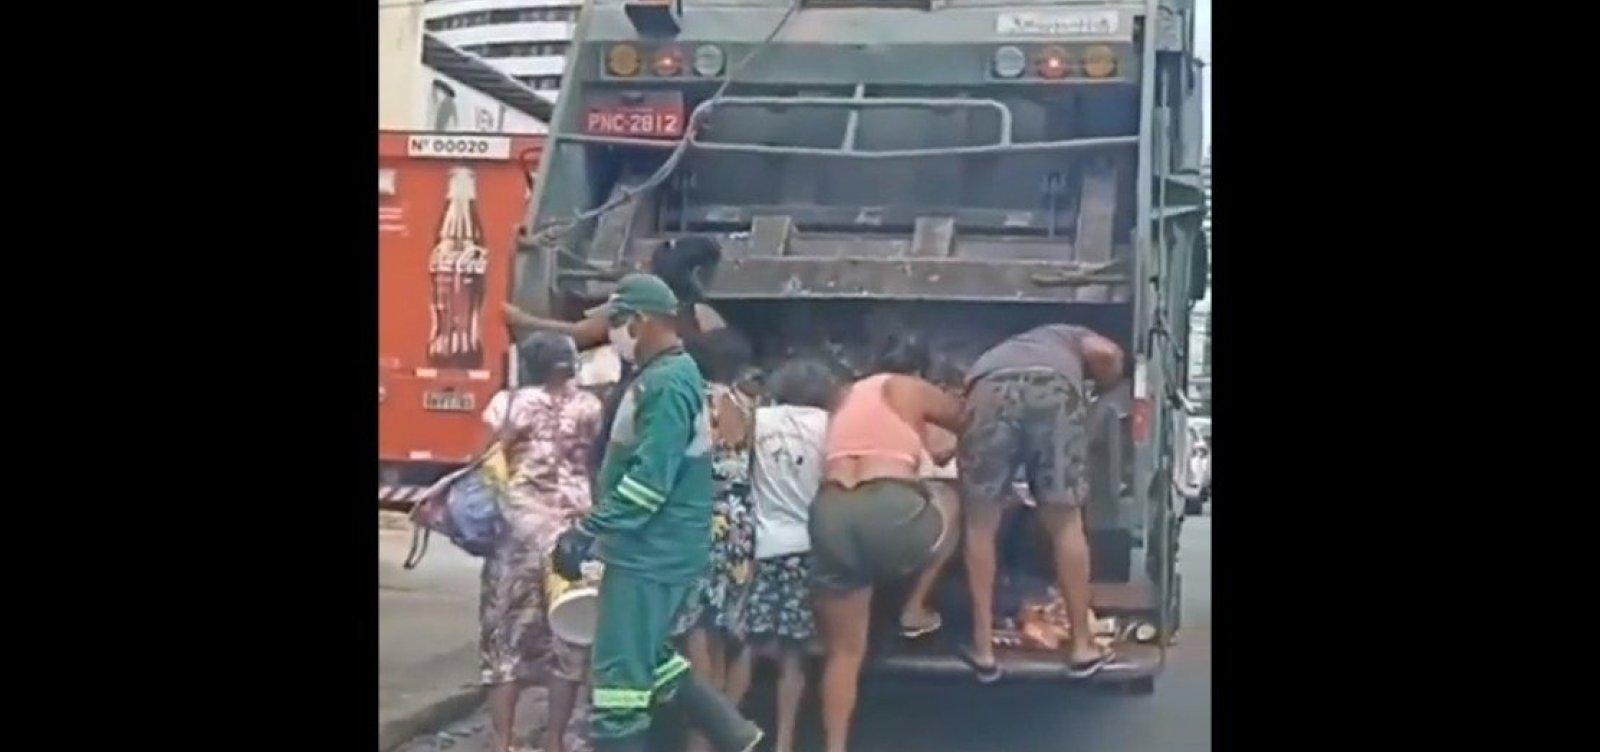 Vídeo mostra moradores buscando comida em caminhão de lixo em Fortaleza